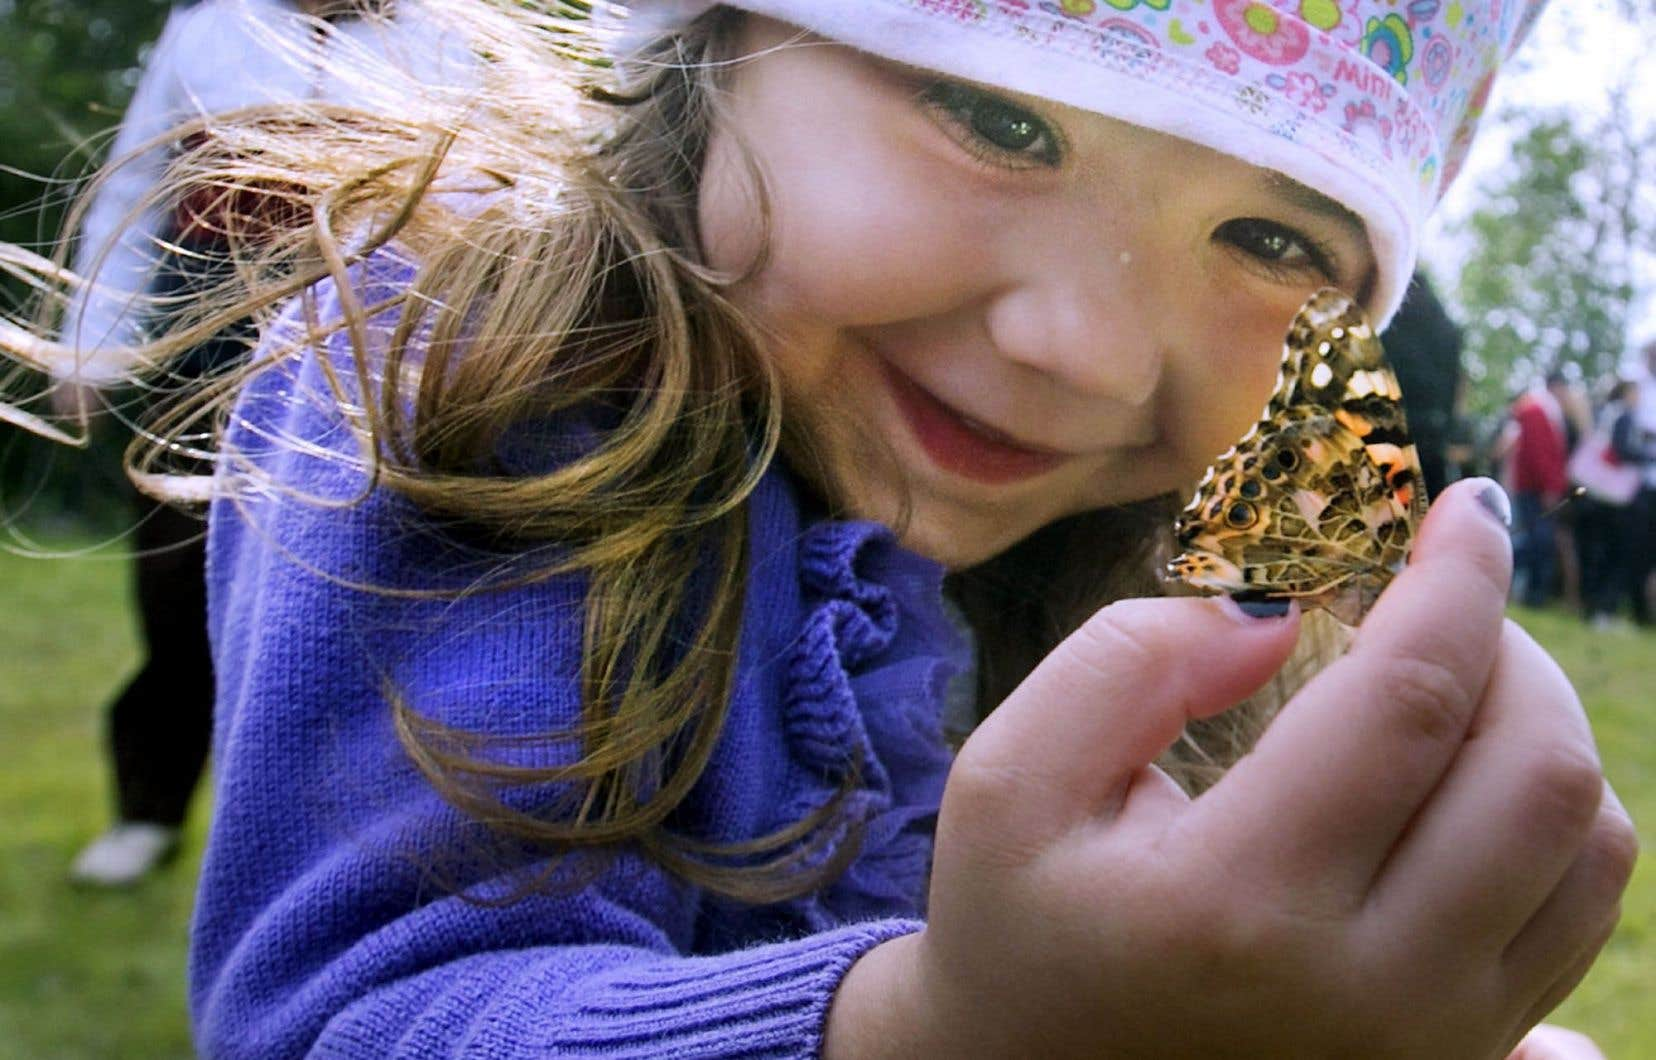 L'augmentation de détresse chez les enfants va de pair avec l'anxiété de performance parentale. Il ne sert à rien de souffler sur les papillons pour qu'ils volent.